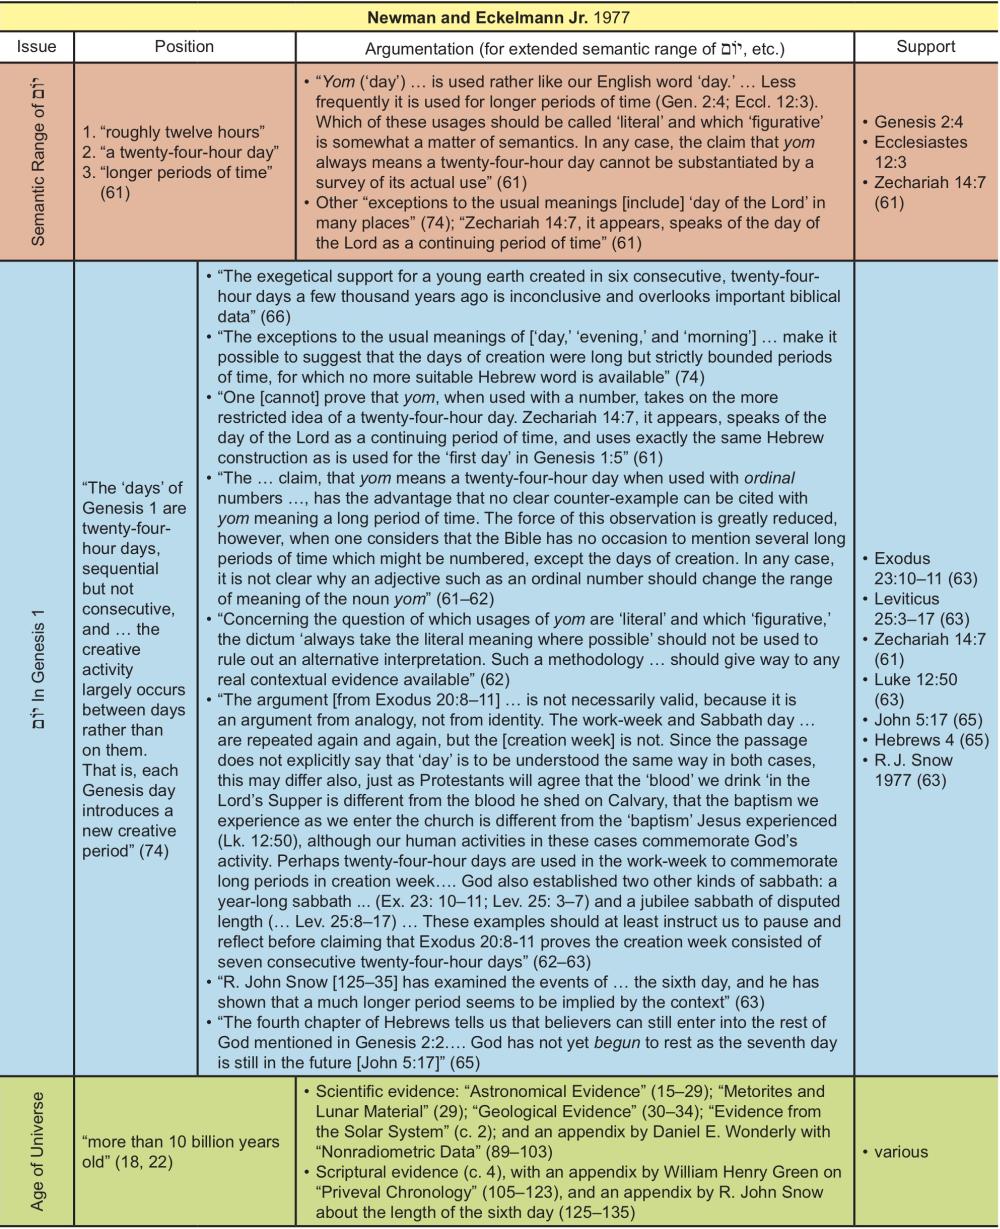 Appendix Table 29